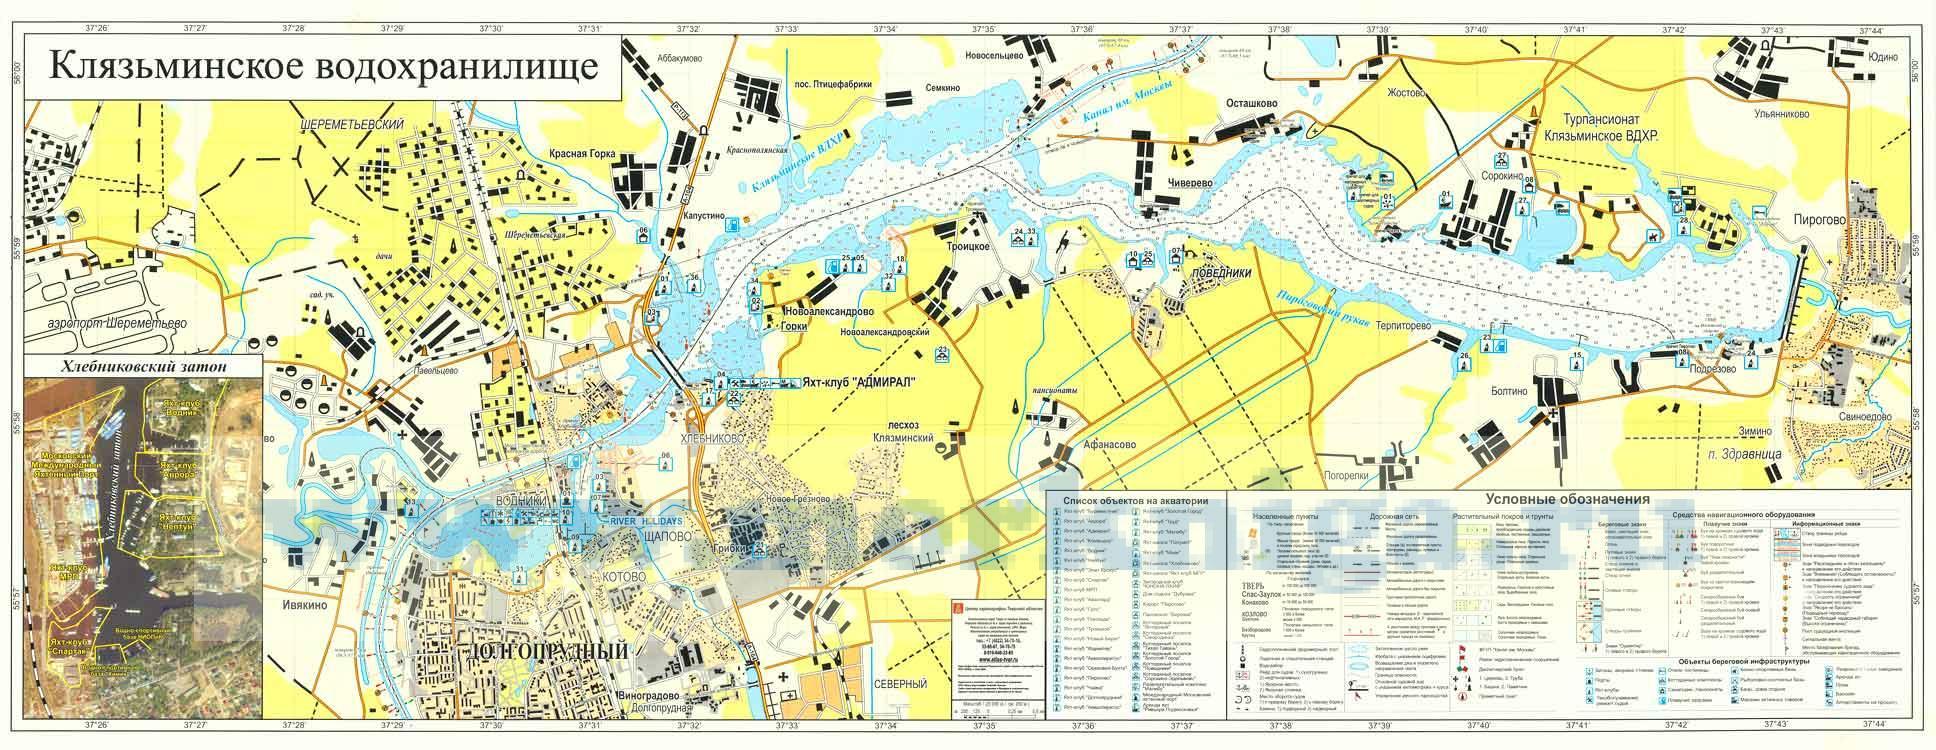 Клязьминское водохранилище. Карта ламинированная